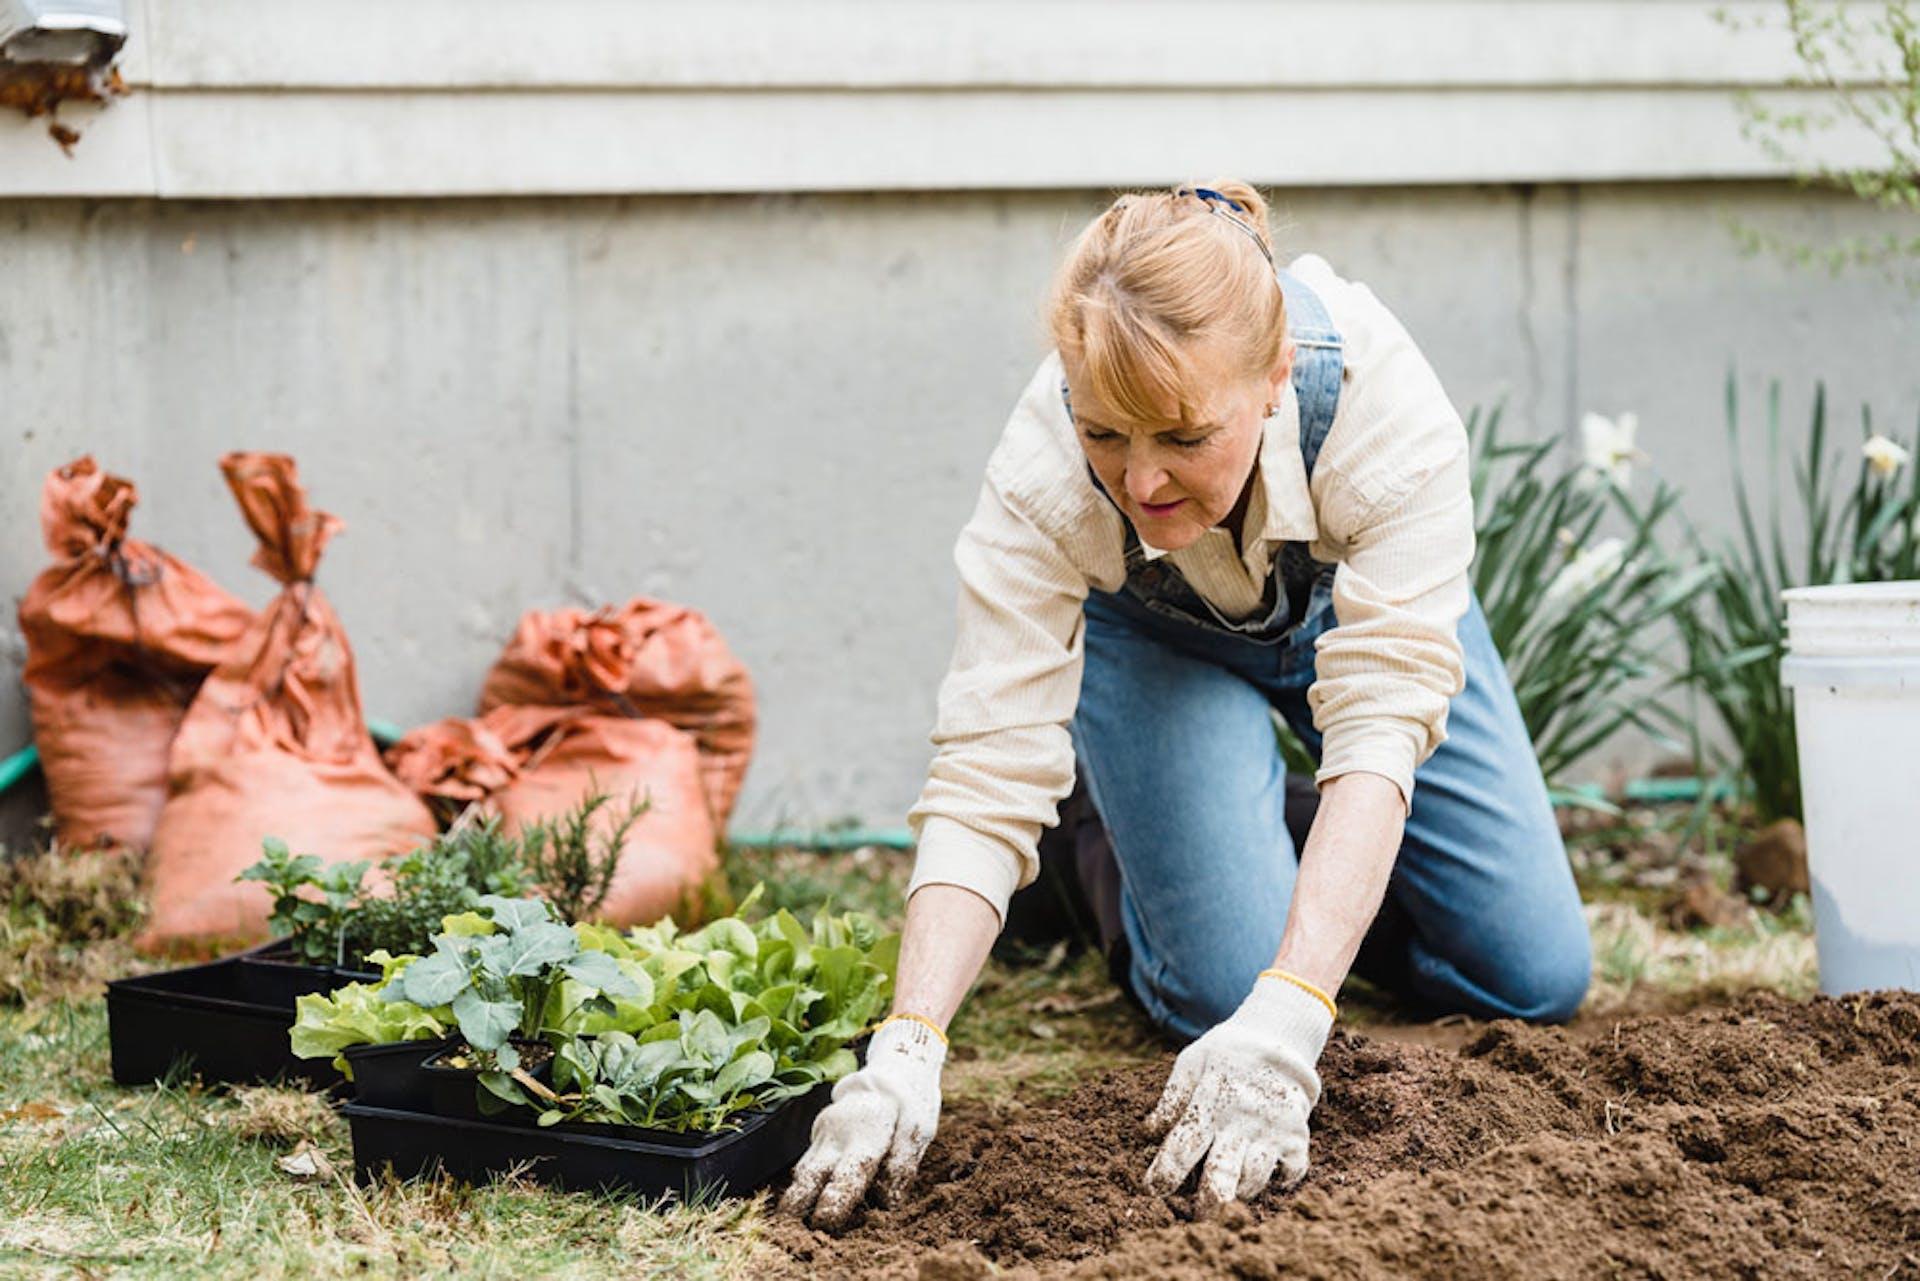 Tipos de suelos: ¿cómo saber cuál es el de mi jardín?